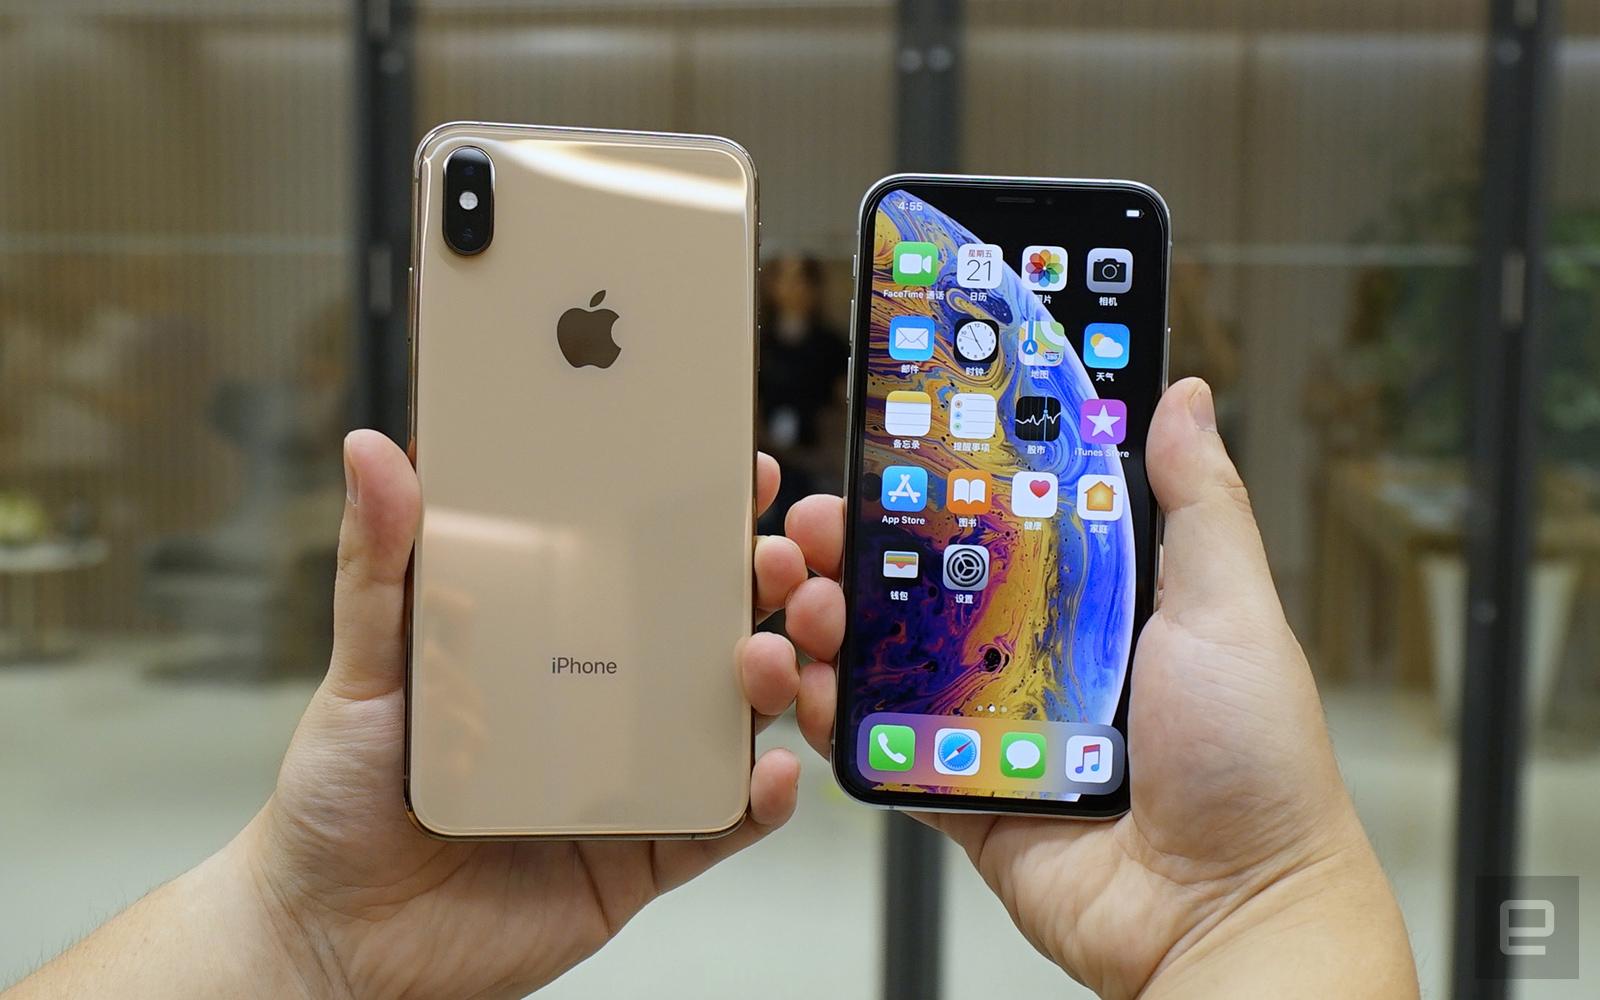 iPhone XS 和 iPhone XS Max 更多把升级专注在内功上